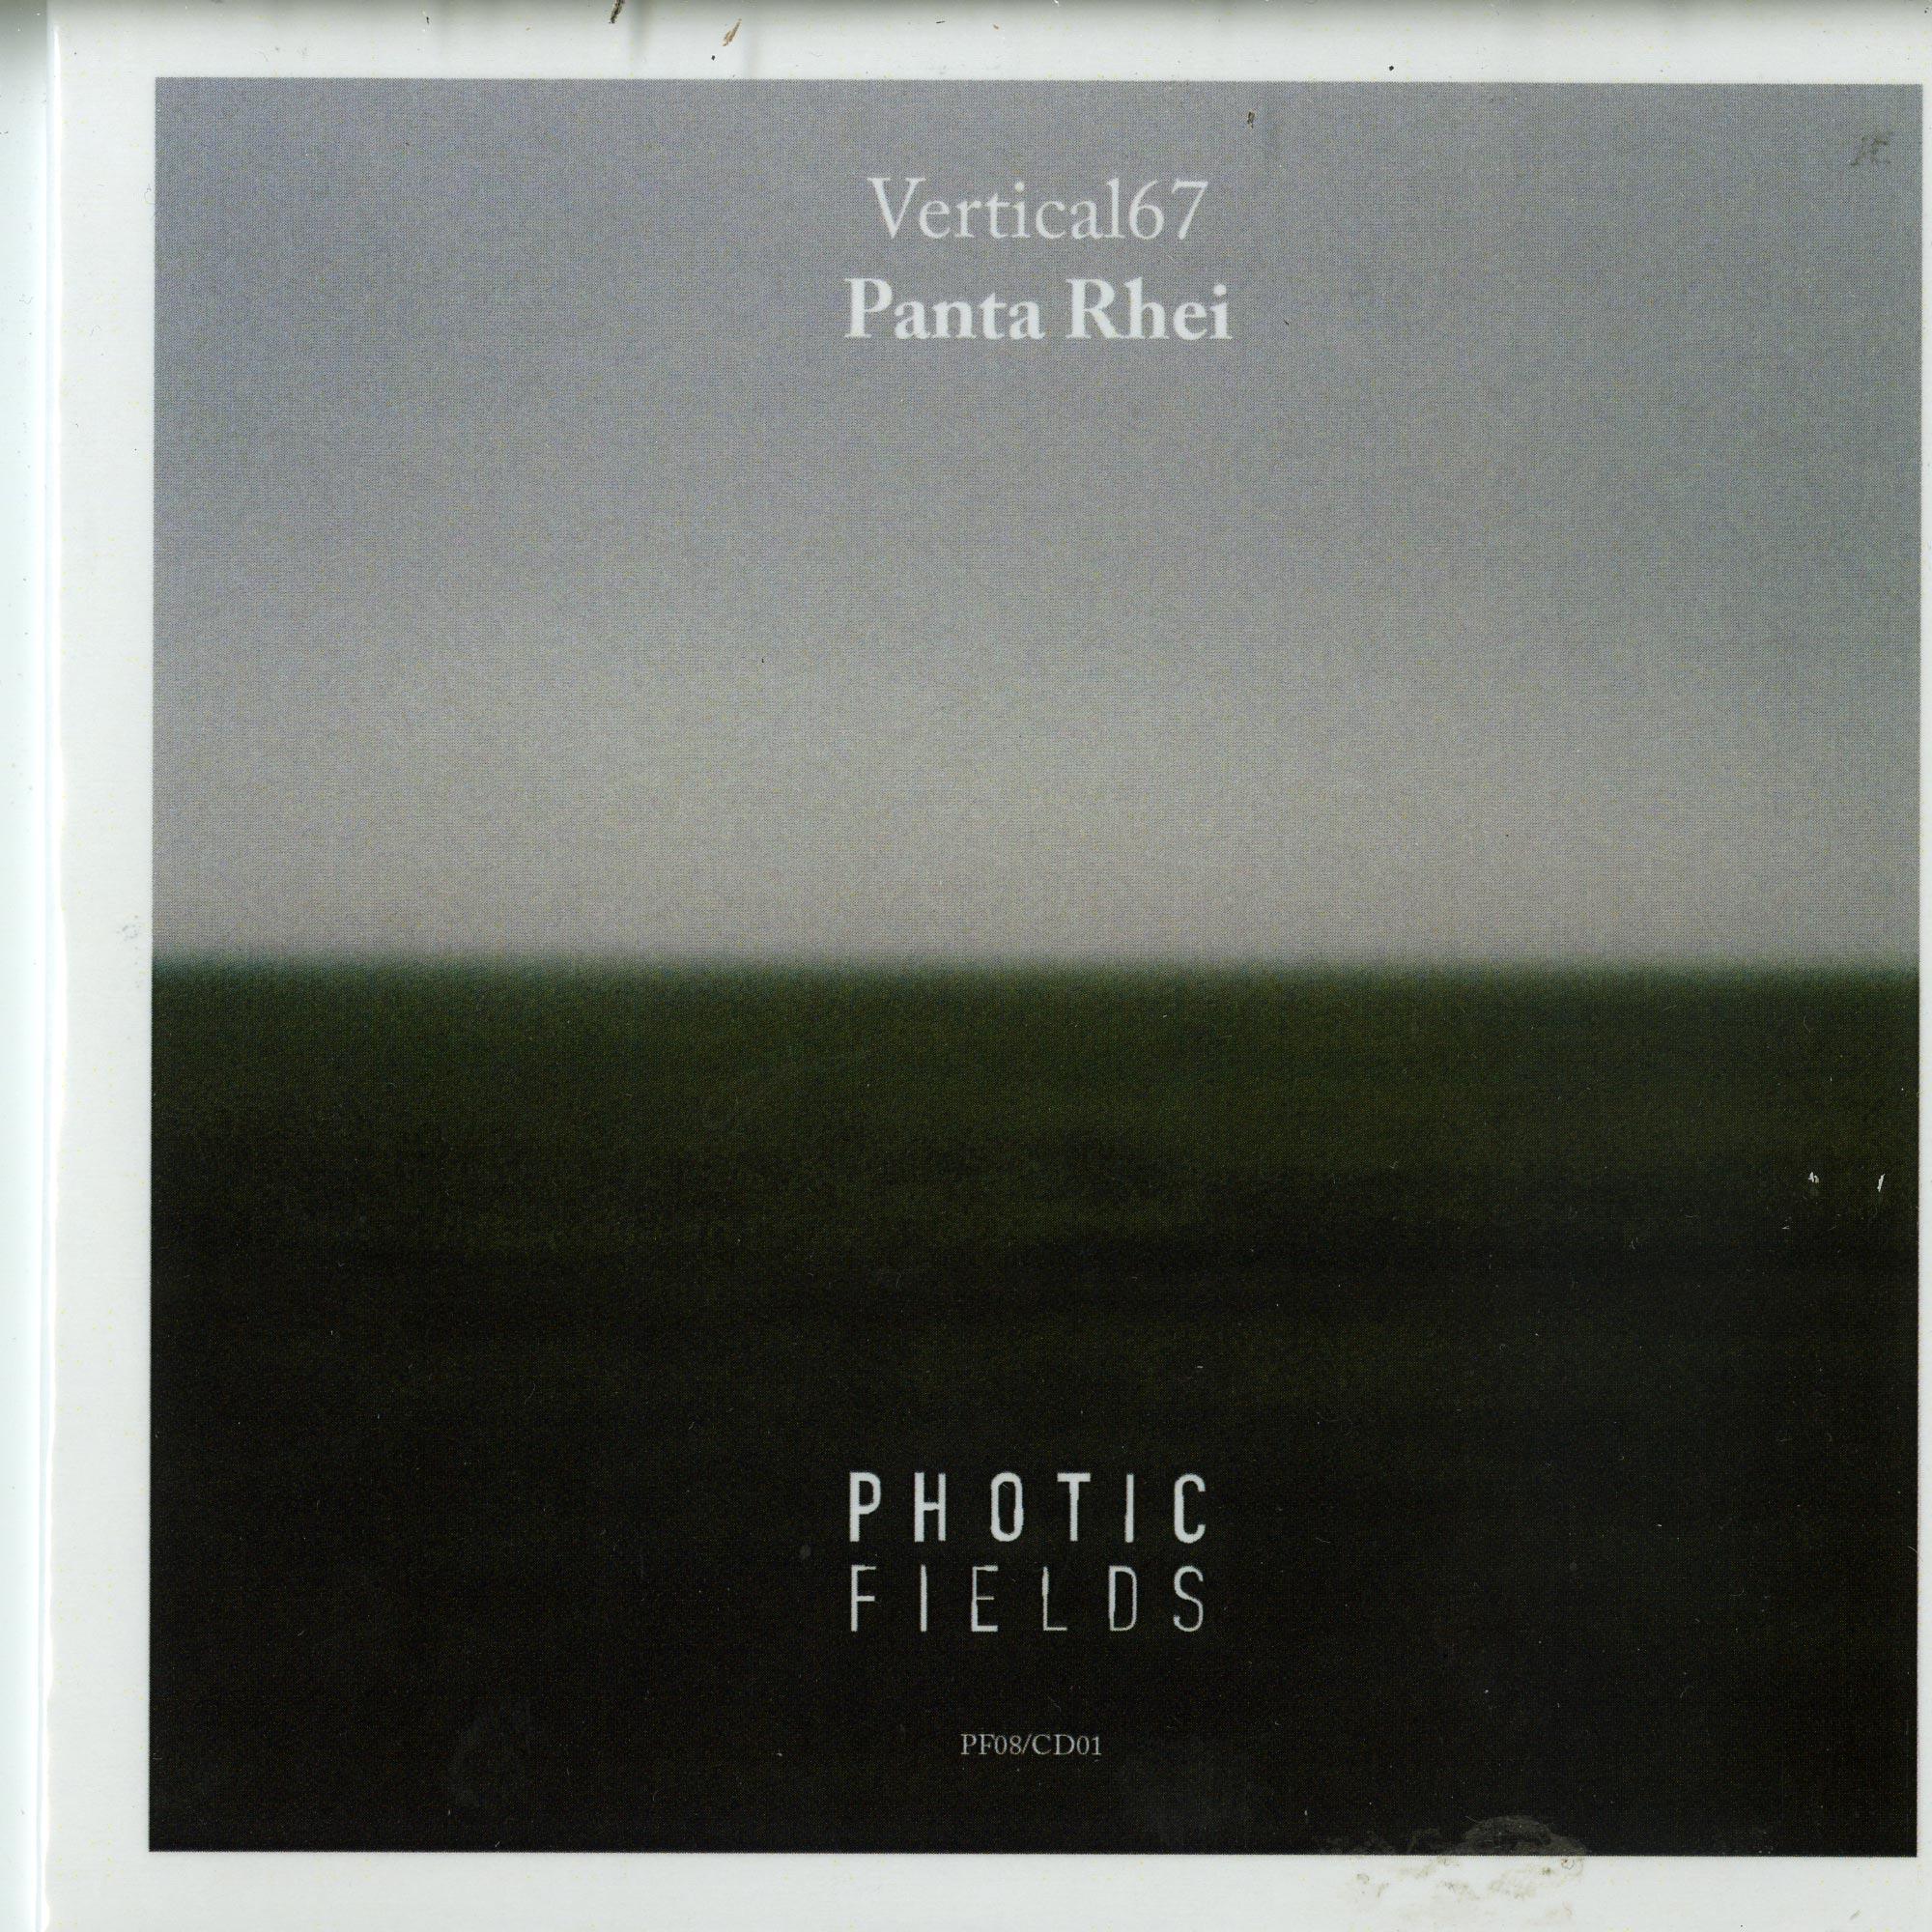 Vertical67 - PANTA RHEI